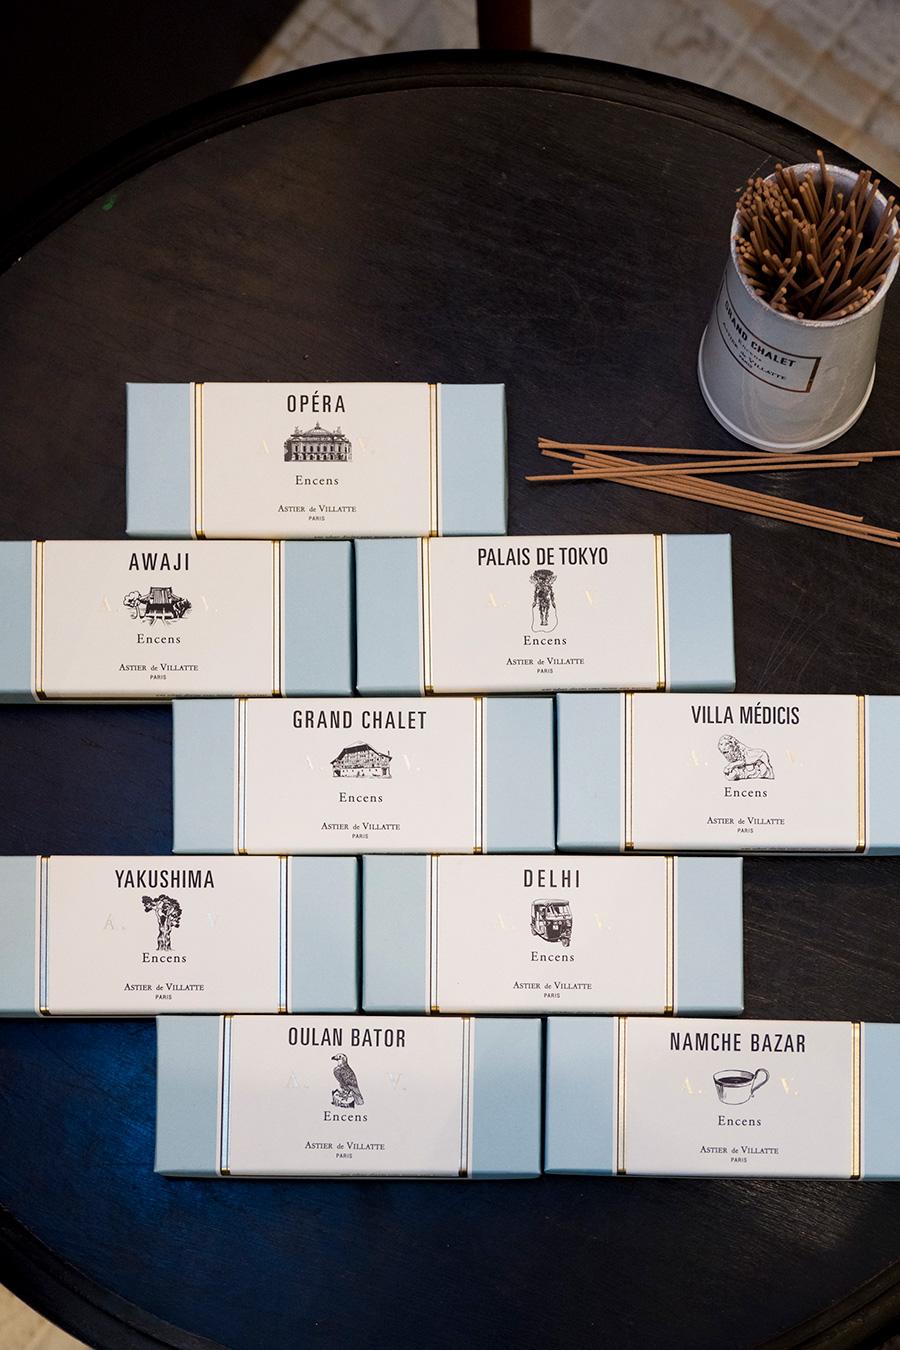 インセンスの入った美しいブルーの箱。香りごとに、それぞれの土地や場所をイメージしたイラストが描かれている。